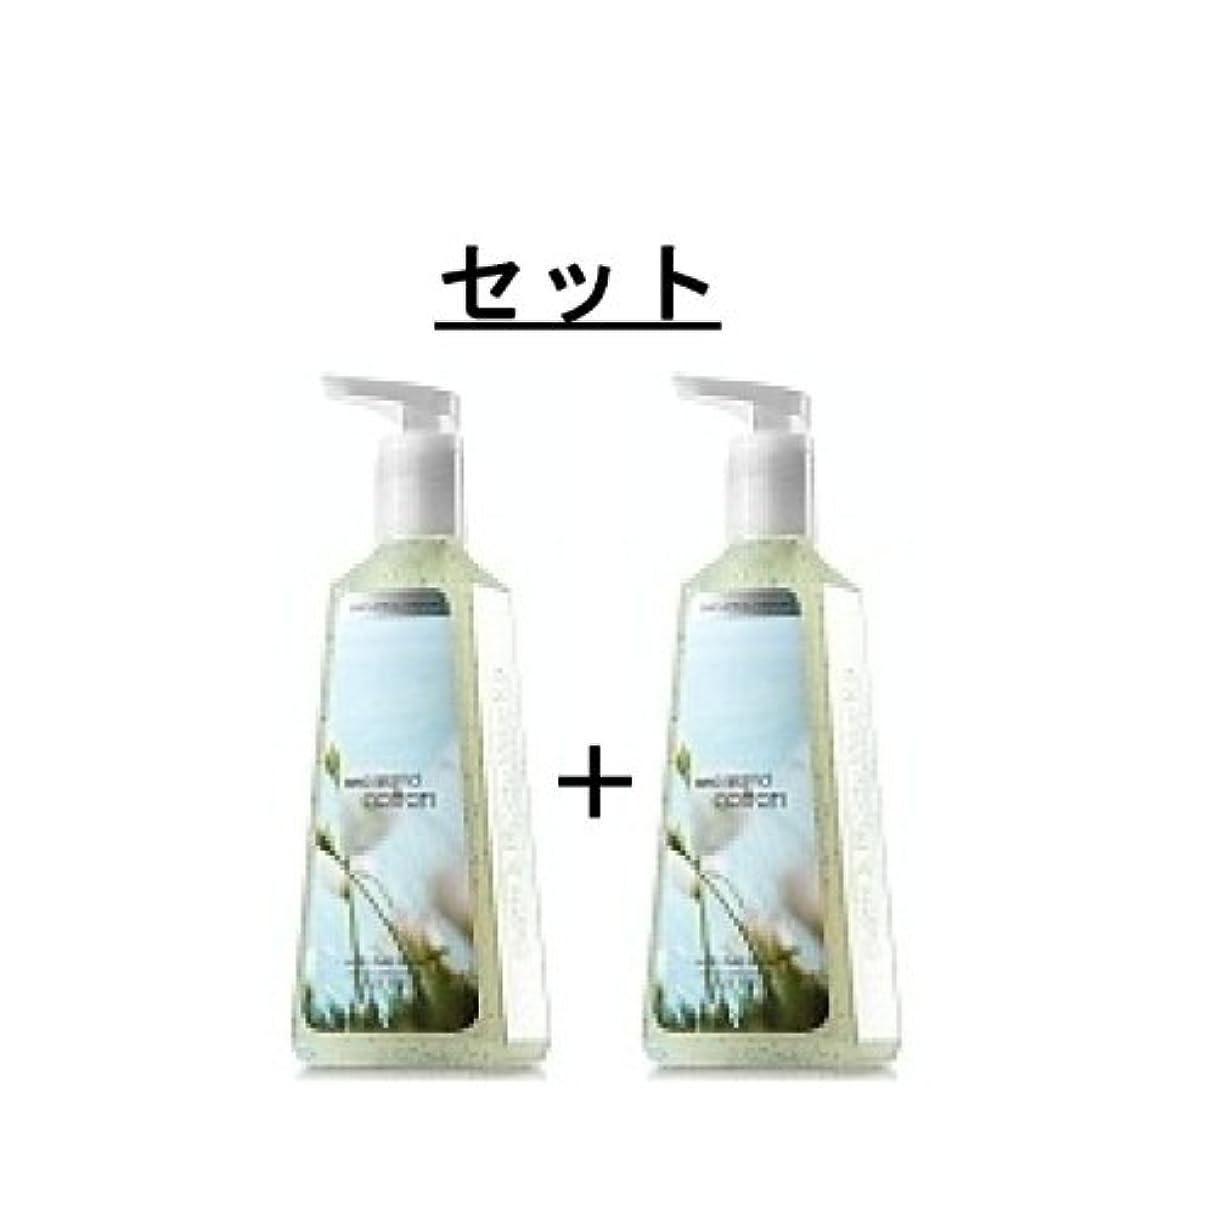 つま先ラッカスびっくりするBath & Body Works Sea Island Cotton Antibacterial Deep Cleansing Hand Soap Set of 2 シーアイランドコットン【並行輸入品】